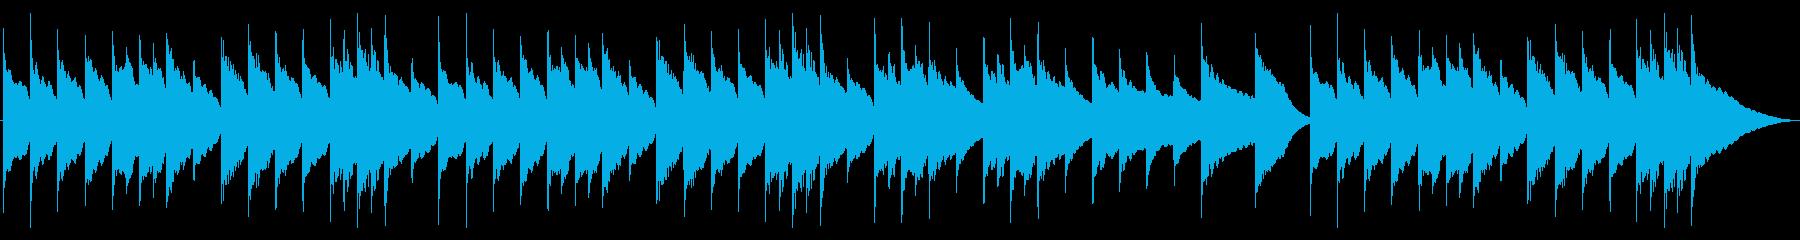 アレグロ オルゴールの再生済みの波形